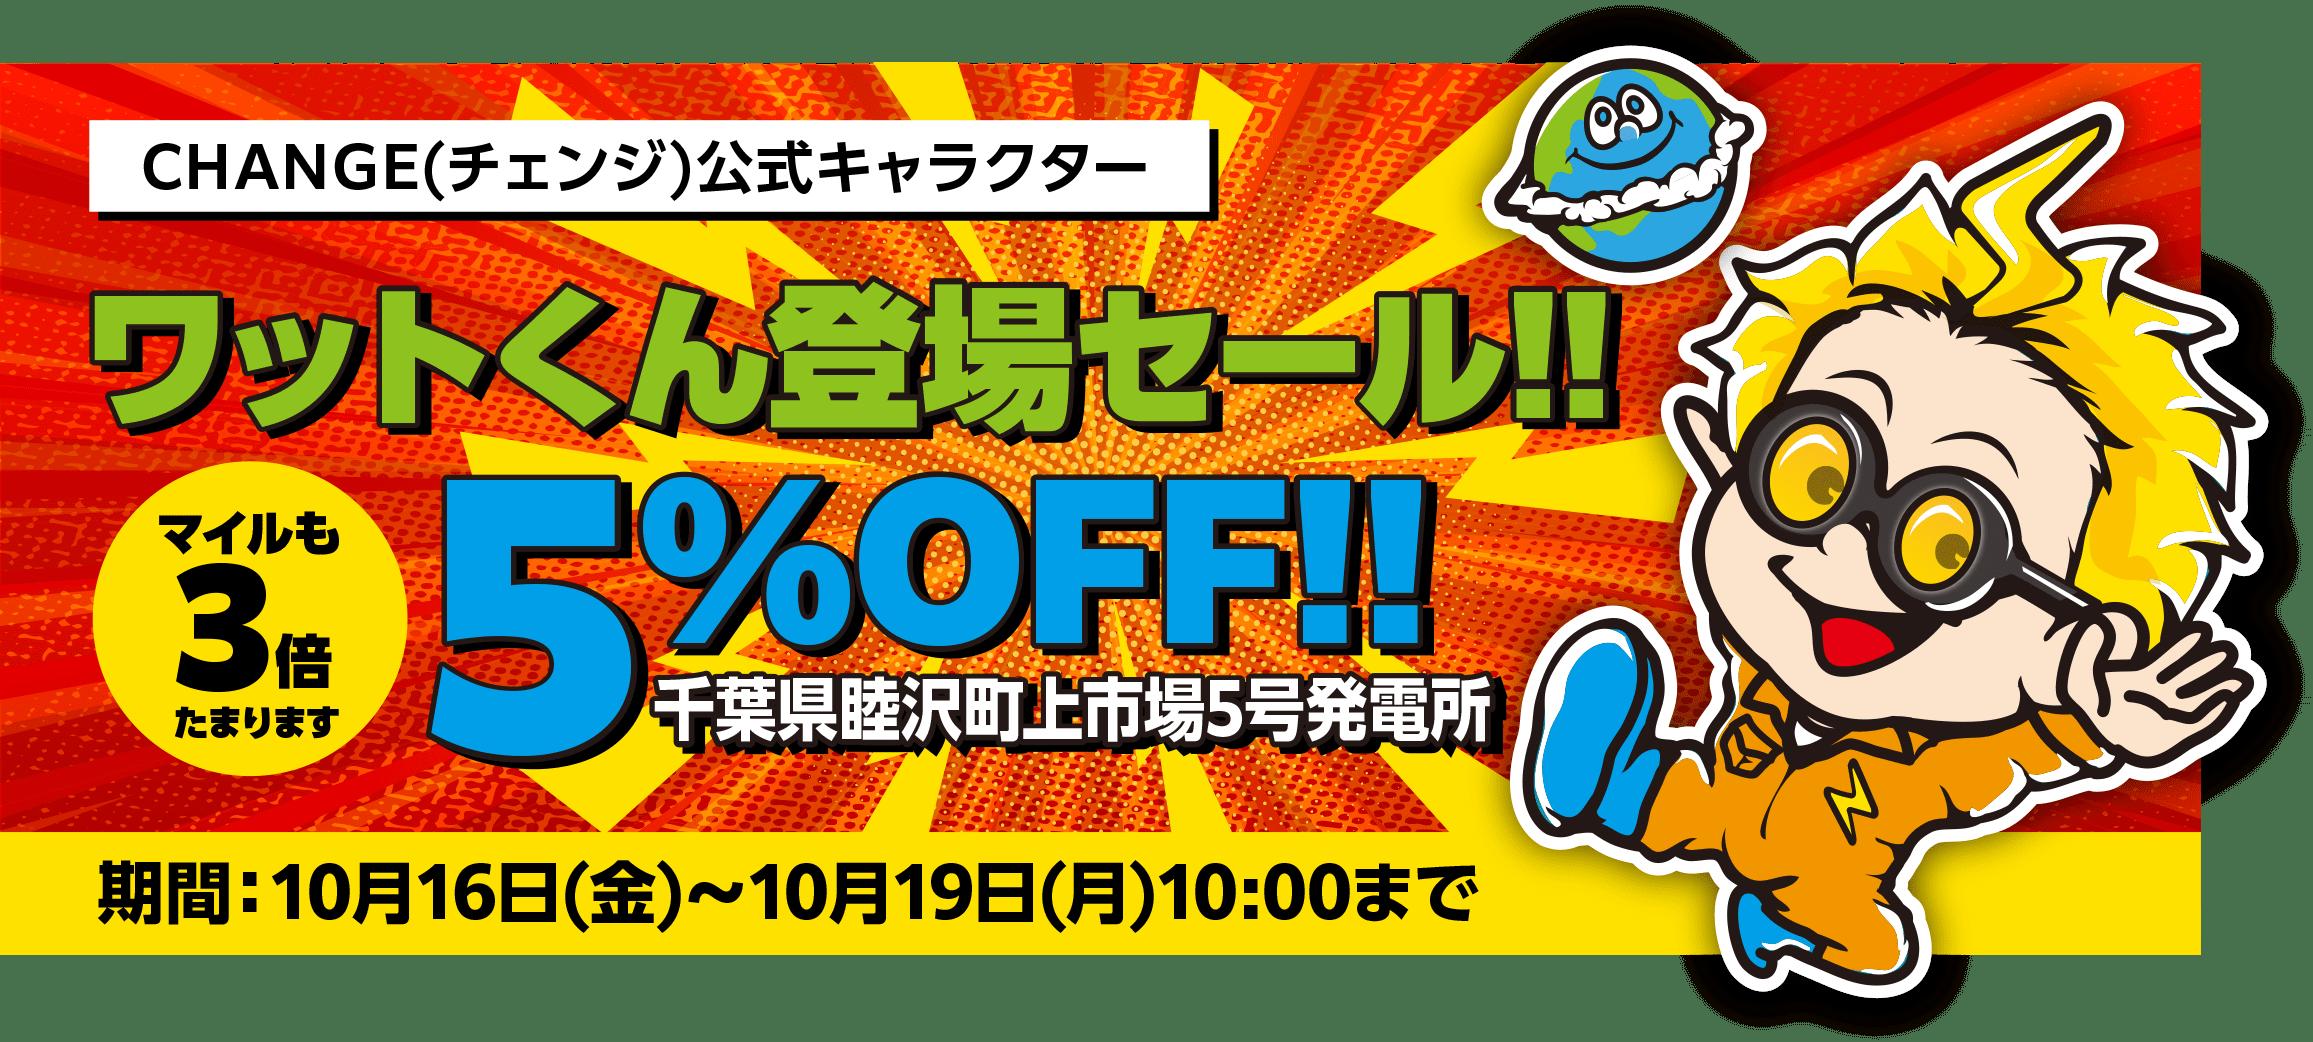 【CHANGE(チェンジ)】公式キャラクター「ワットくん」登場記念!新案件を5%OFFで販売!